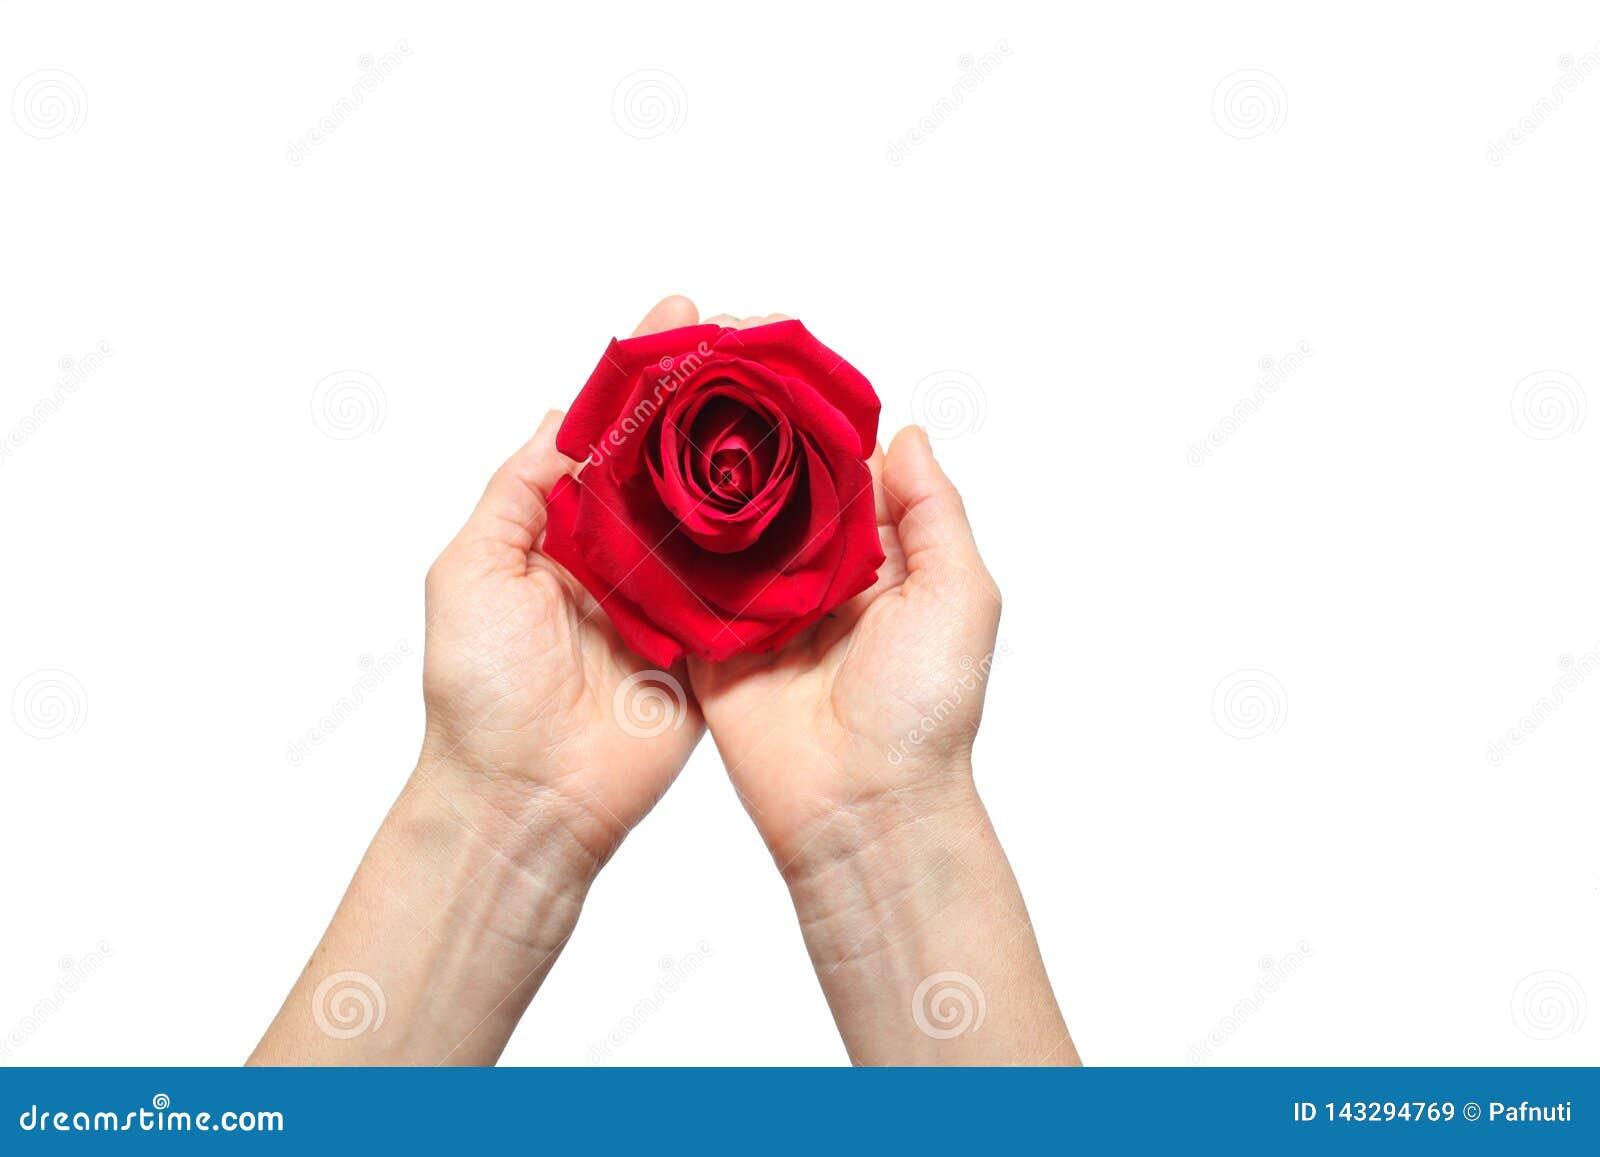 La rosa roja adentro entrega el fondo blanco